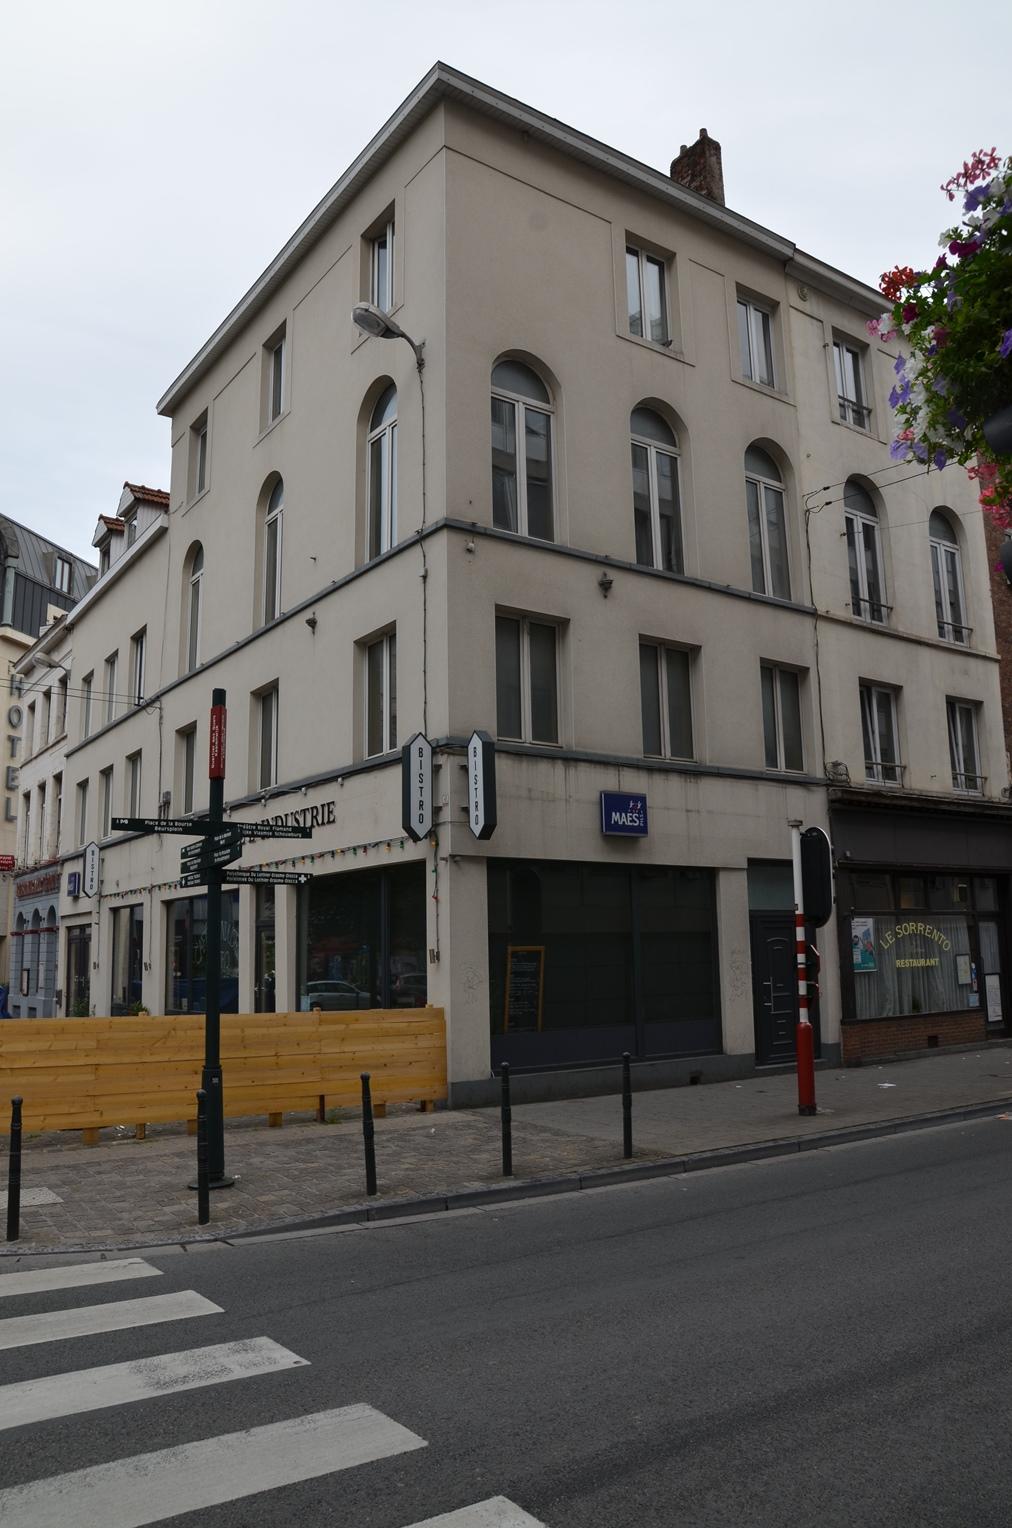 Lakensestraat 20, 2015